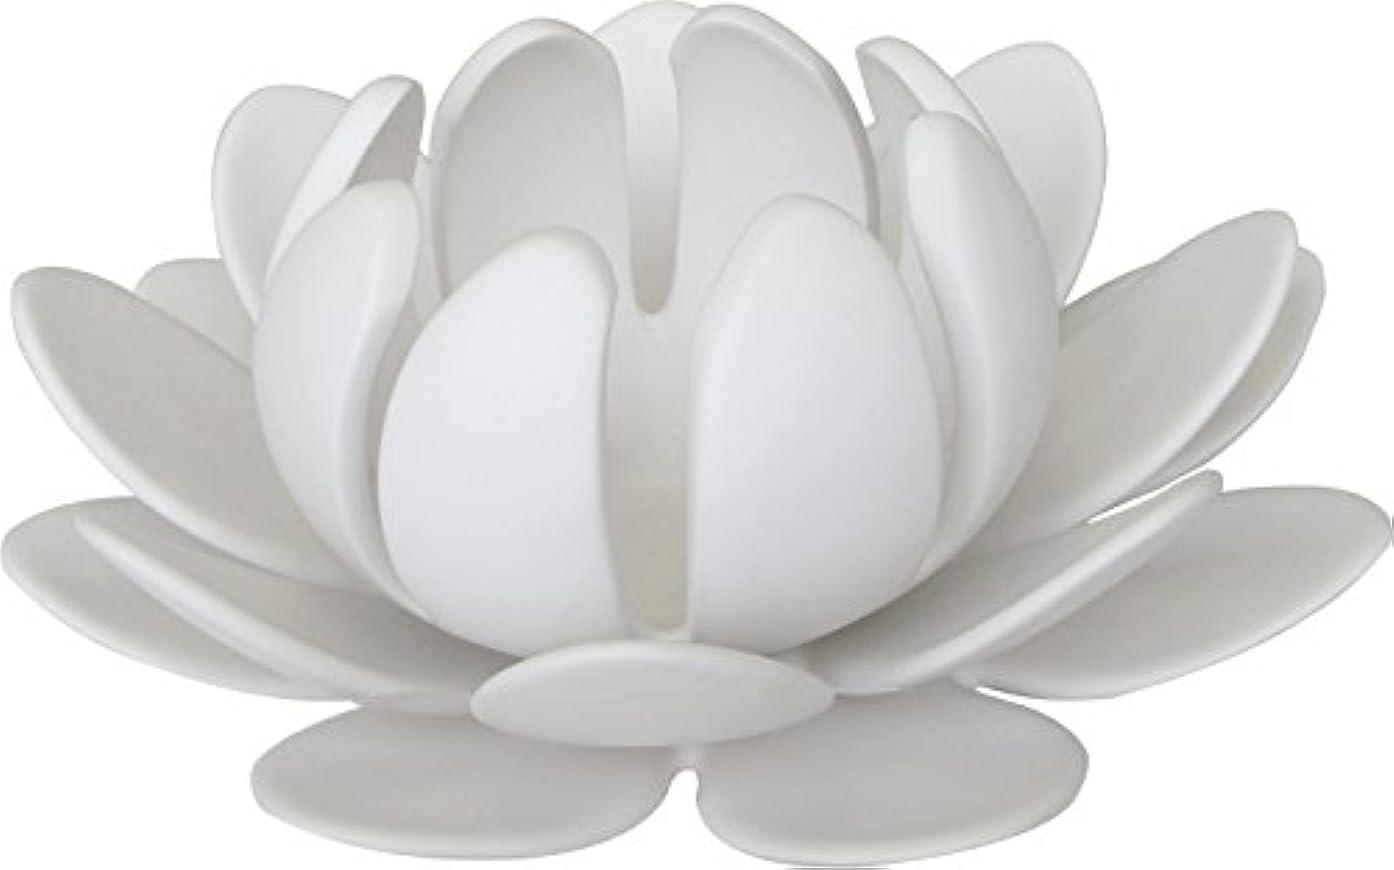 アンドリューハリディ不合格コマースマルエス 燭台 陶器製三連 ロータス 大 ホワイト